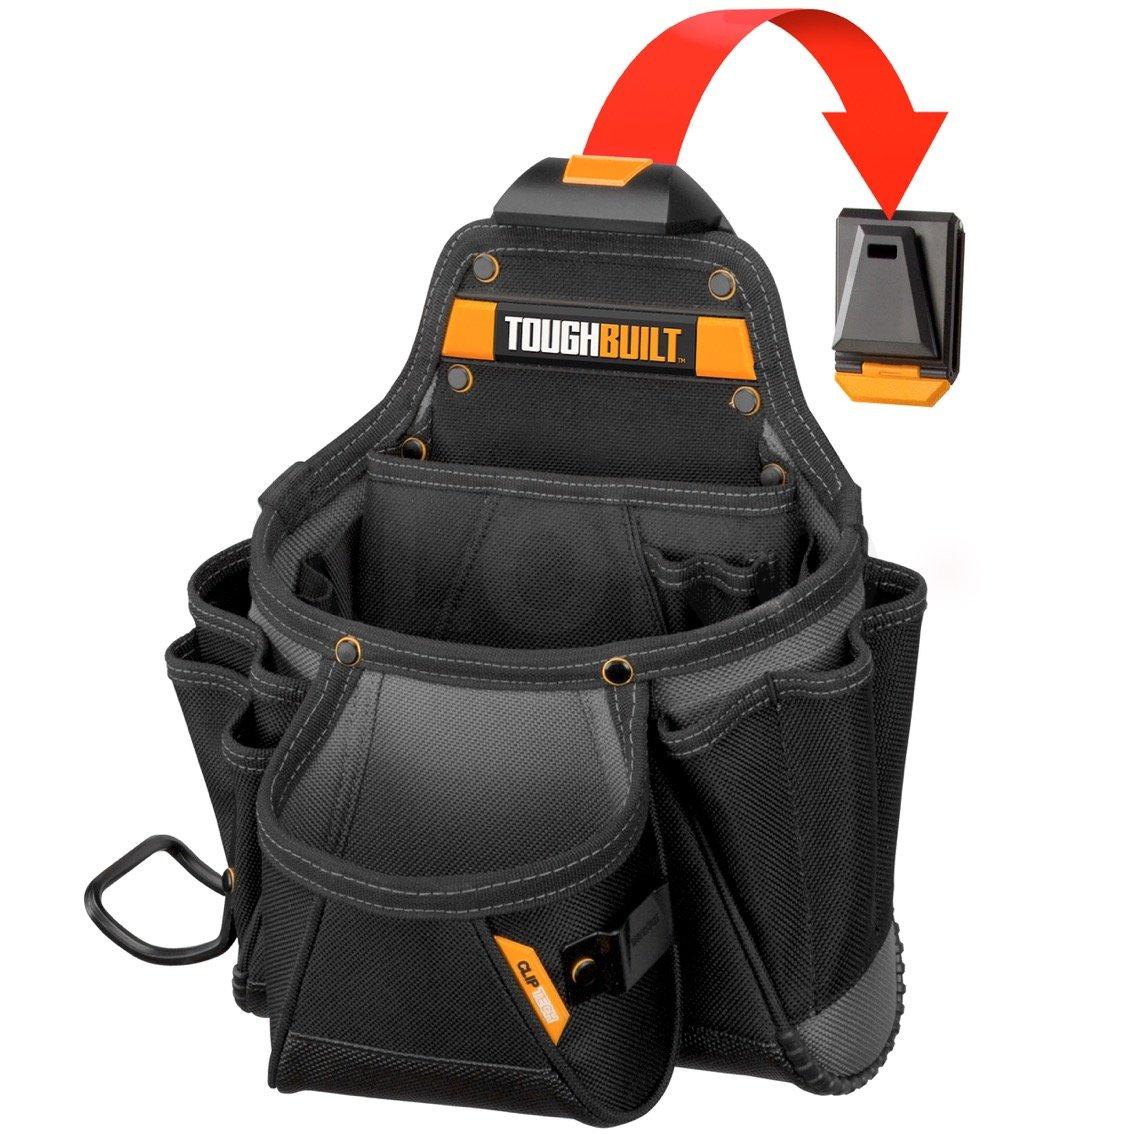 ToughBuilt TOU-CT-01 Tasche f/ür Handwerker